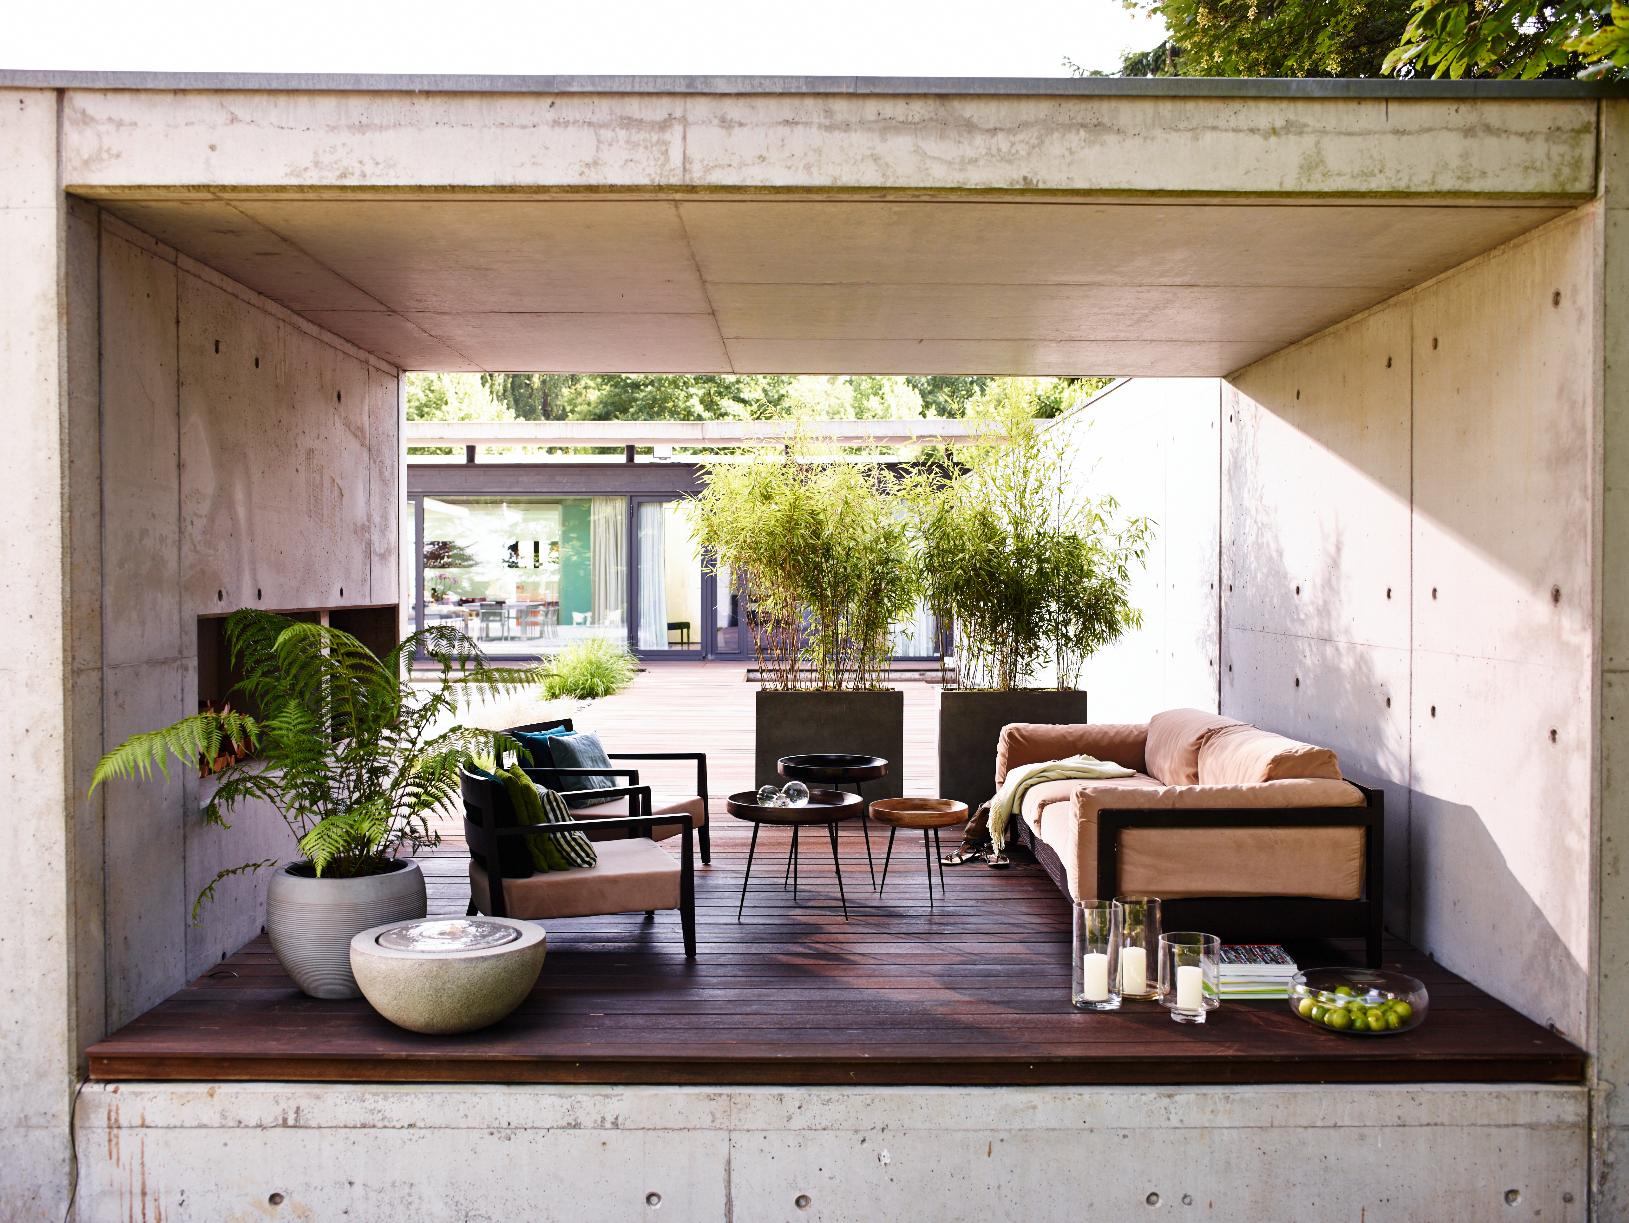 beeindruckend authentisch wirkt die oberfl che granite. Black Bedroom Furniture Sets. Home Design Ideas